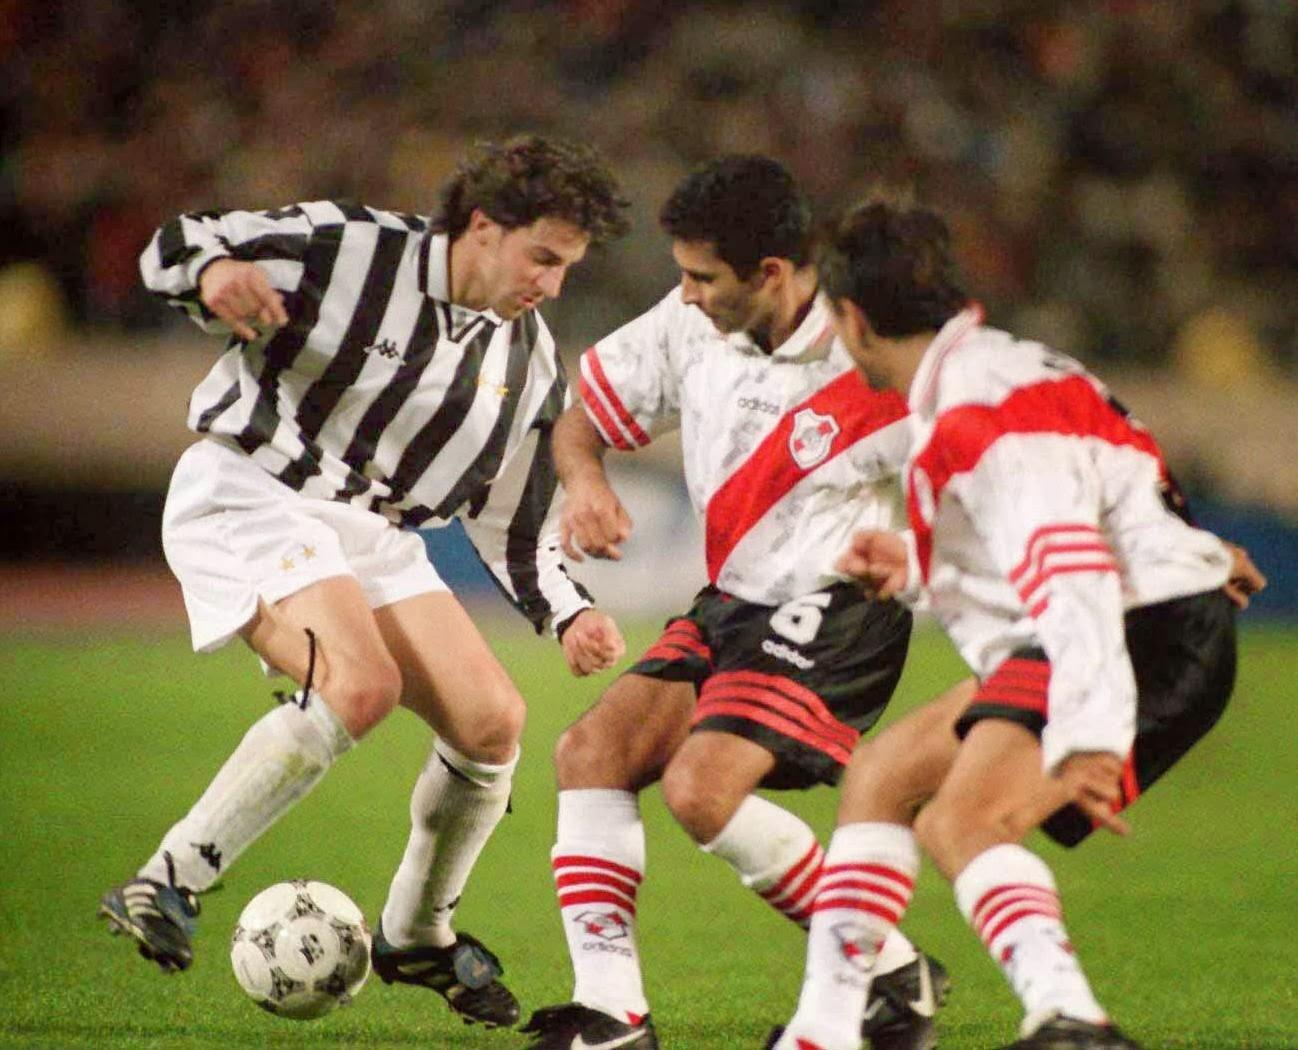 e904109e3 ... le sue insinuazioni sulla vittoria della Juventus della Coppa  Intercontinentale contro il River Plate del 1996. Abbiamo vinto quel trofeo  e la Coppa dei ...